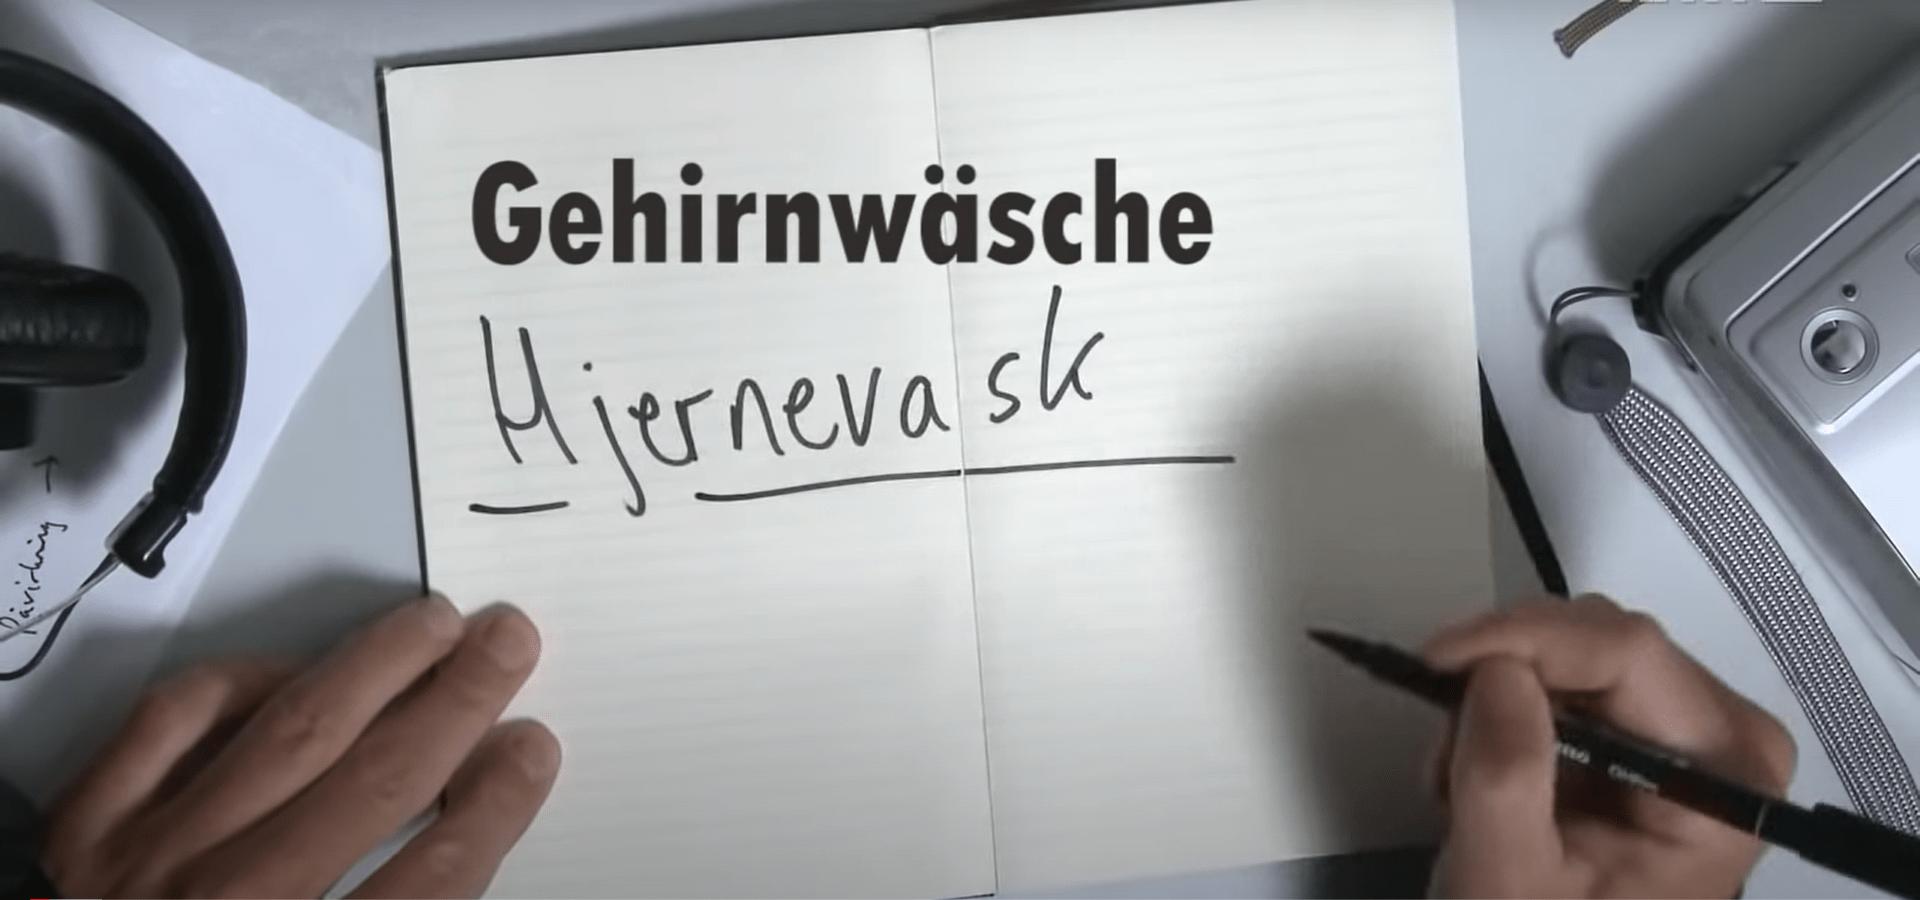 Harald Eia – Gehirngewaschen. Das Gleichstellungsparadox.